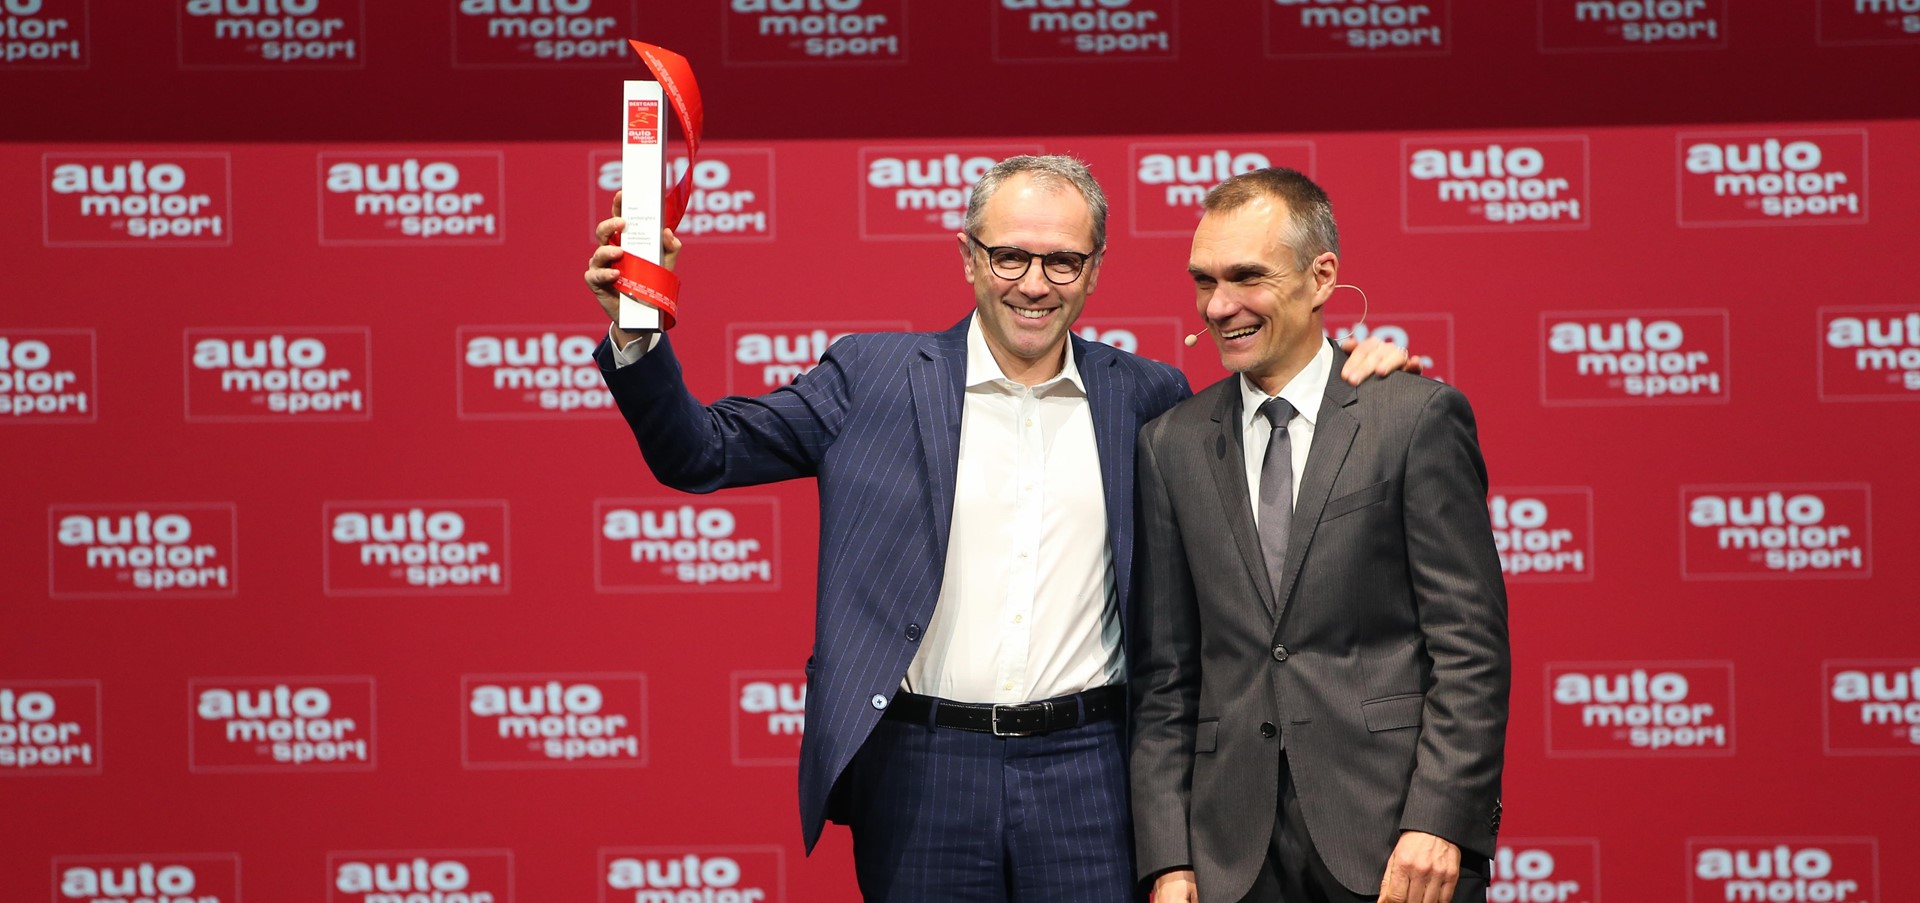 Lamborghini Urus awarded Auto Motor und Sport's Best Cars..